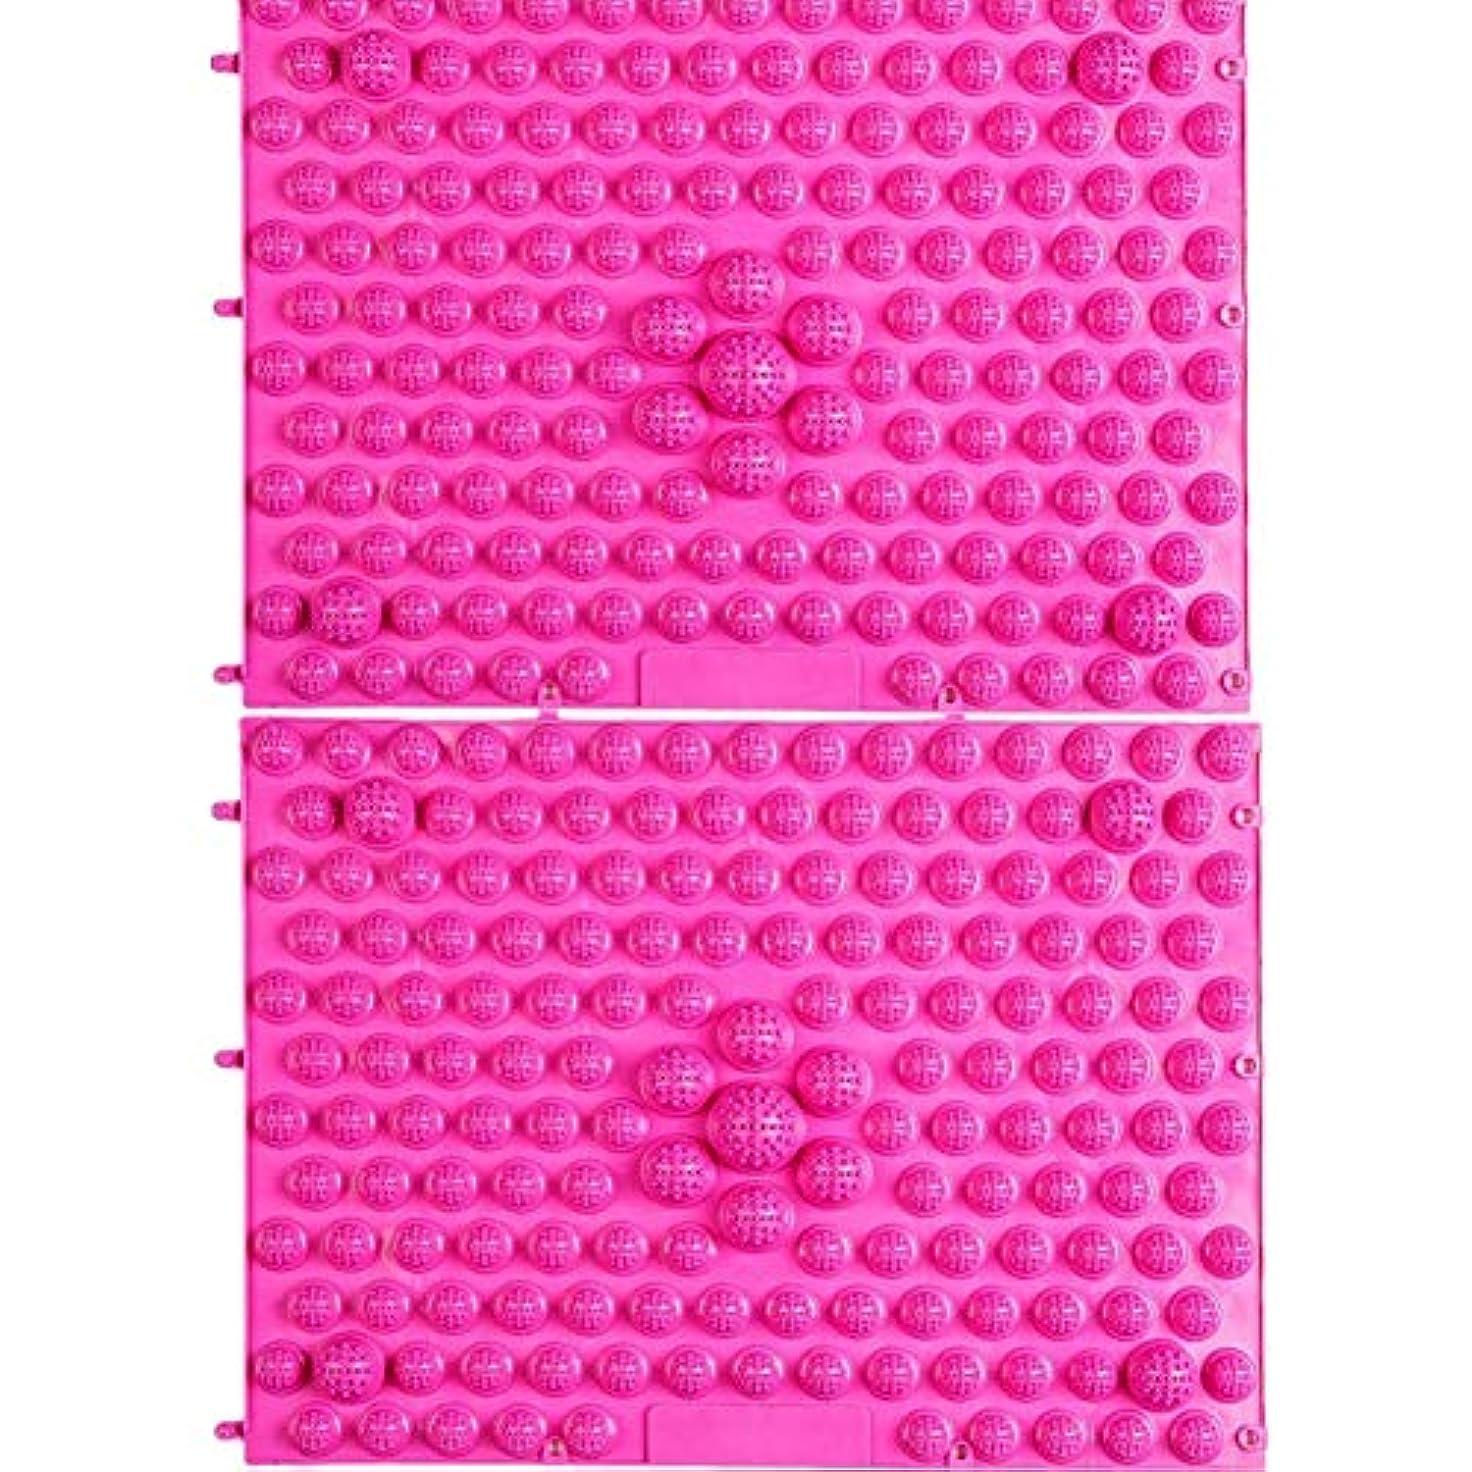 wompolle マッサージ?ツボ押しグッズ 生活に刺激と健康を!足つぼキャニオンマット マッサージ屋さんの健康マット ドラゴンマット 足踏み 足ツボ 2枚組 (Pink)